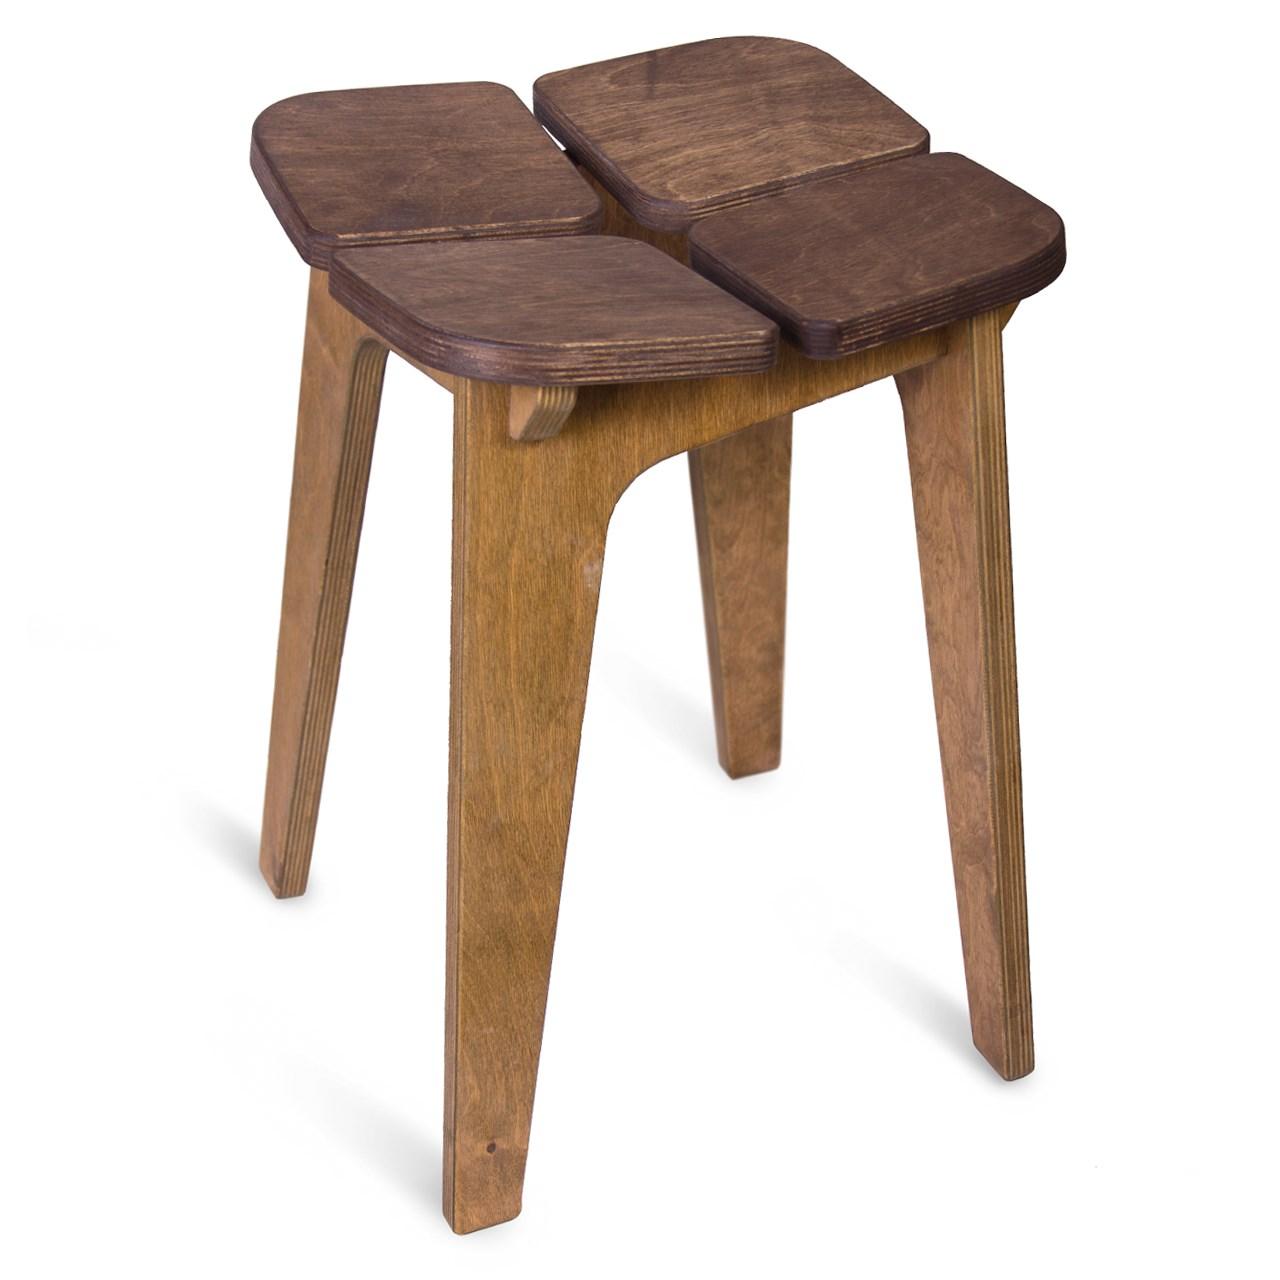 چهارپایه دلتاگراف مدل تترا سایز کوچک